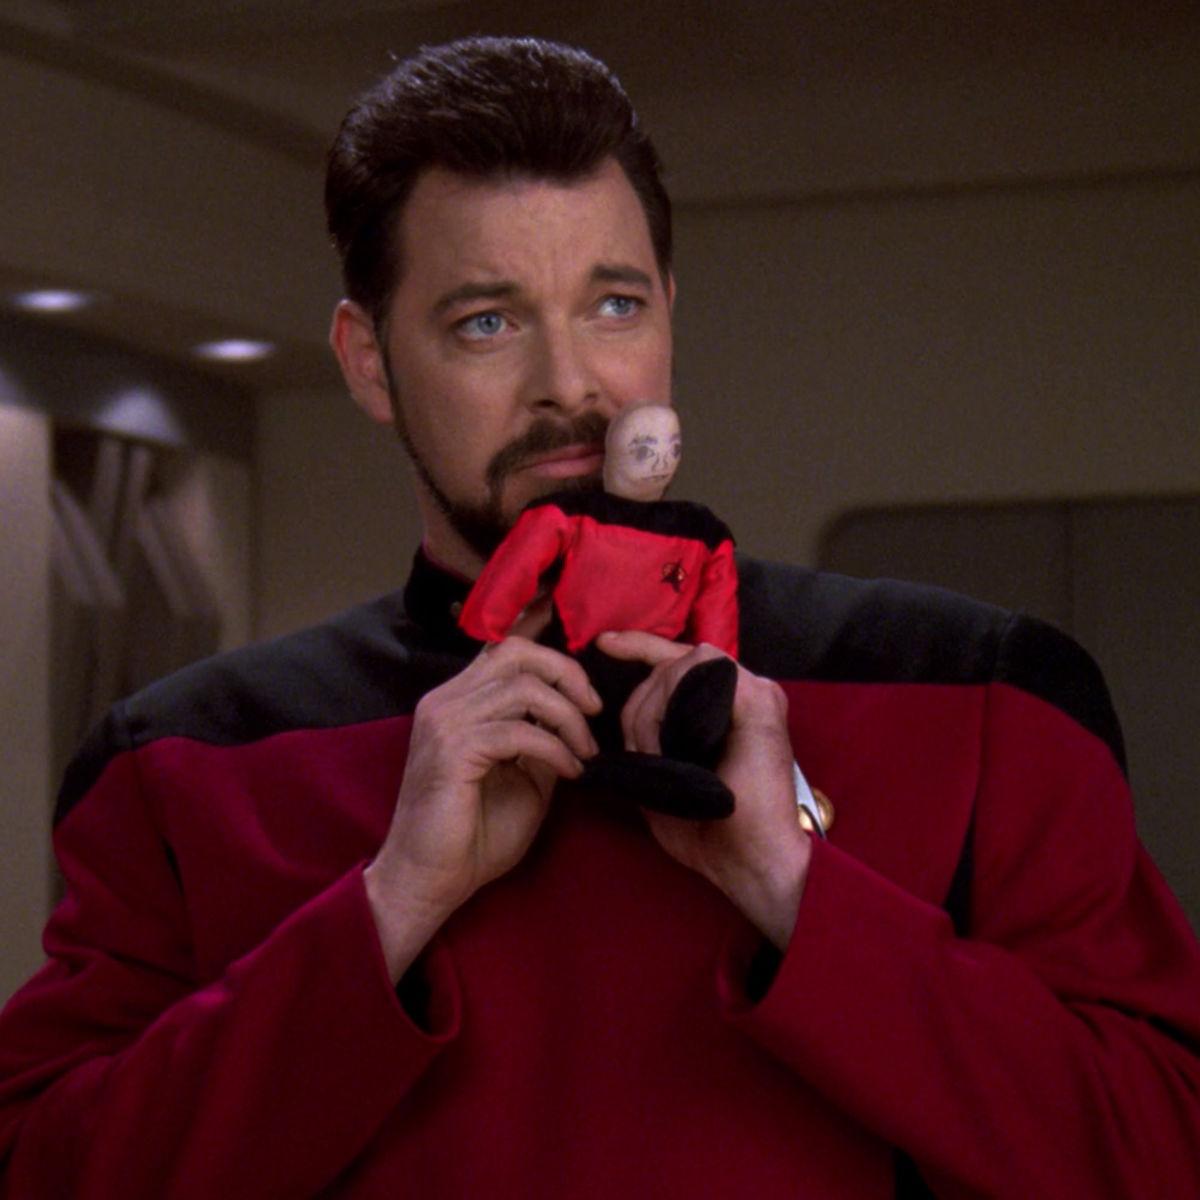 Riker_imitates_Picard.jpg